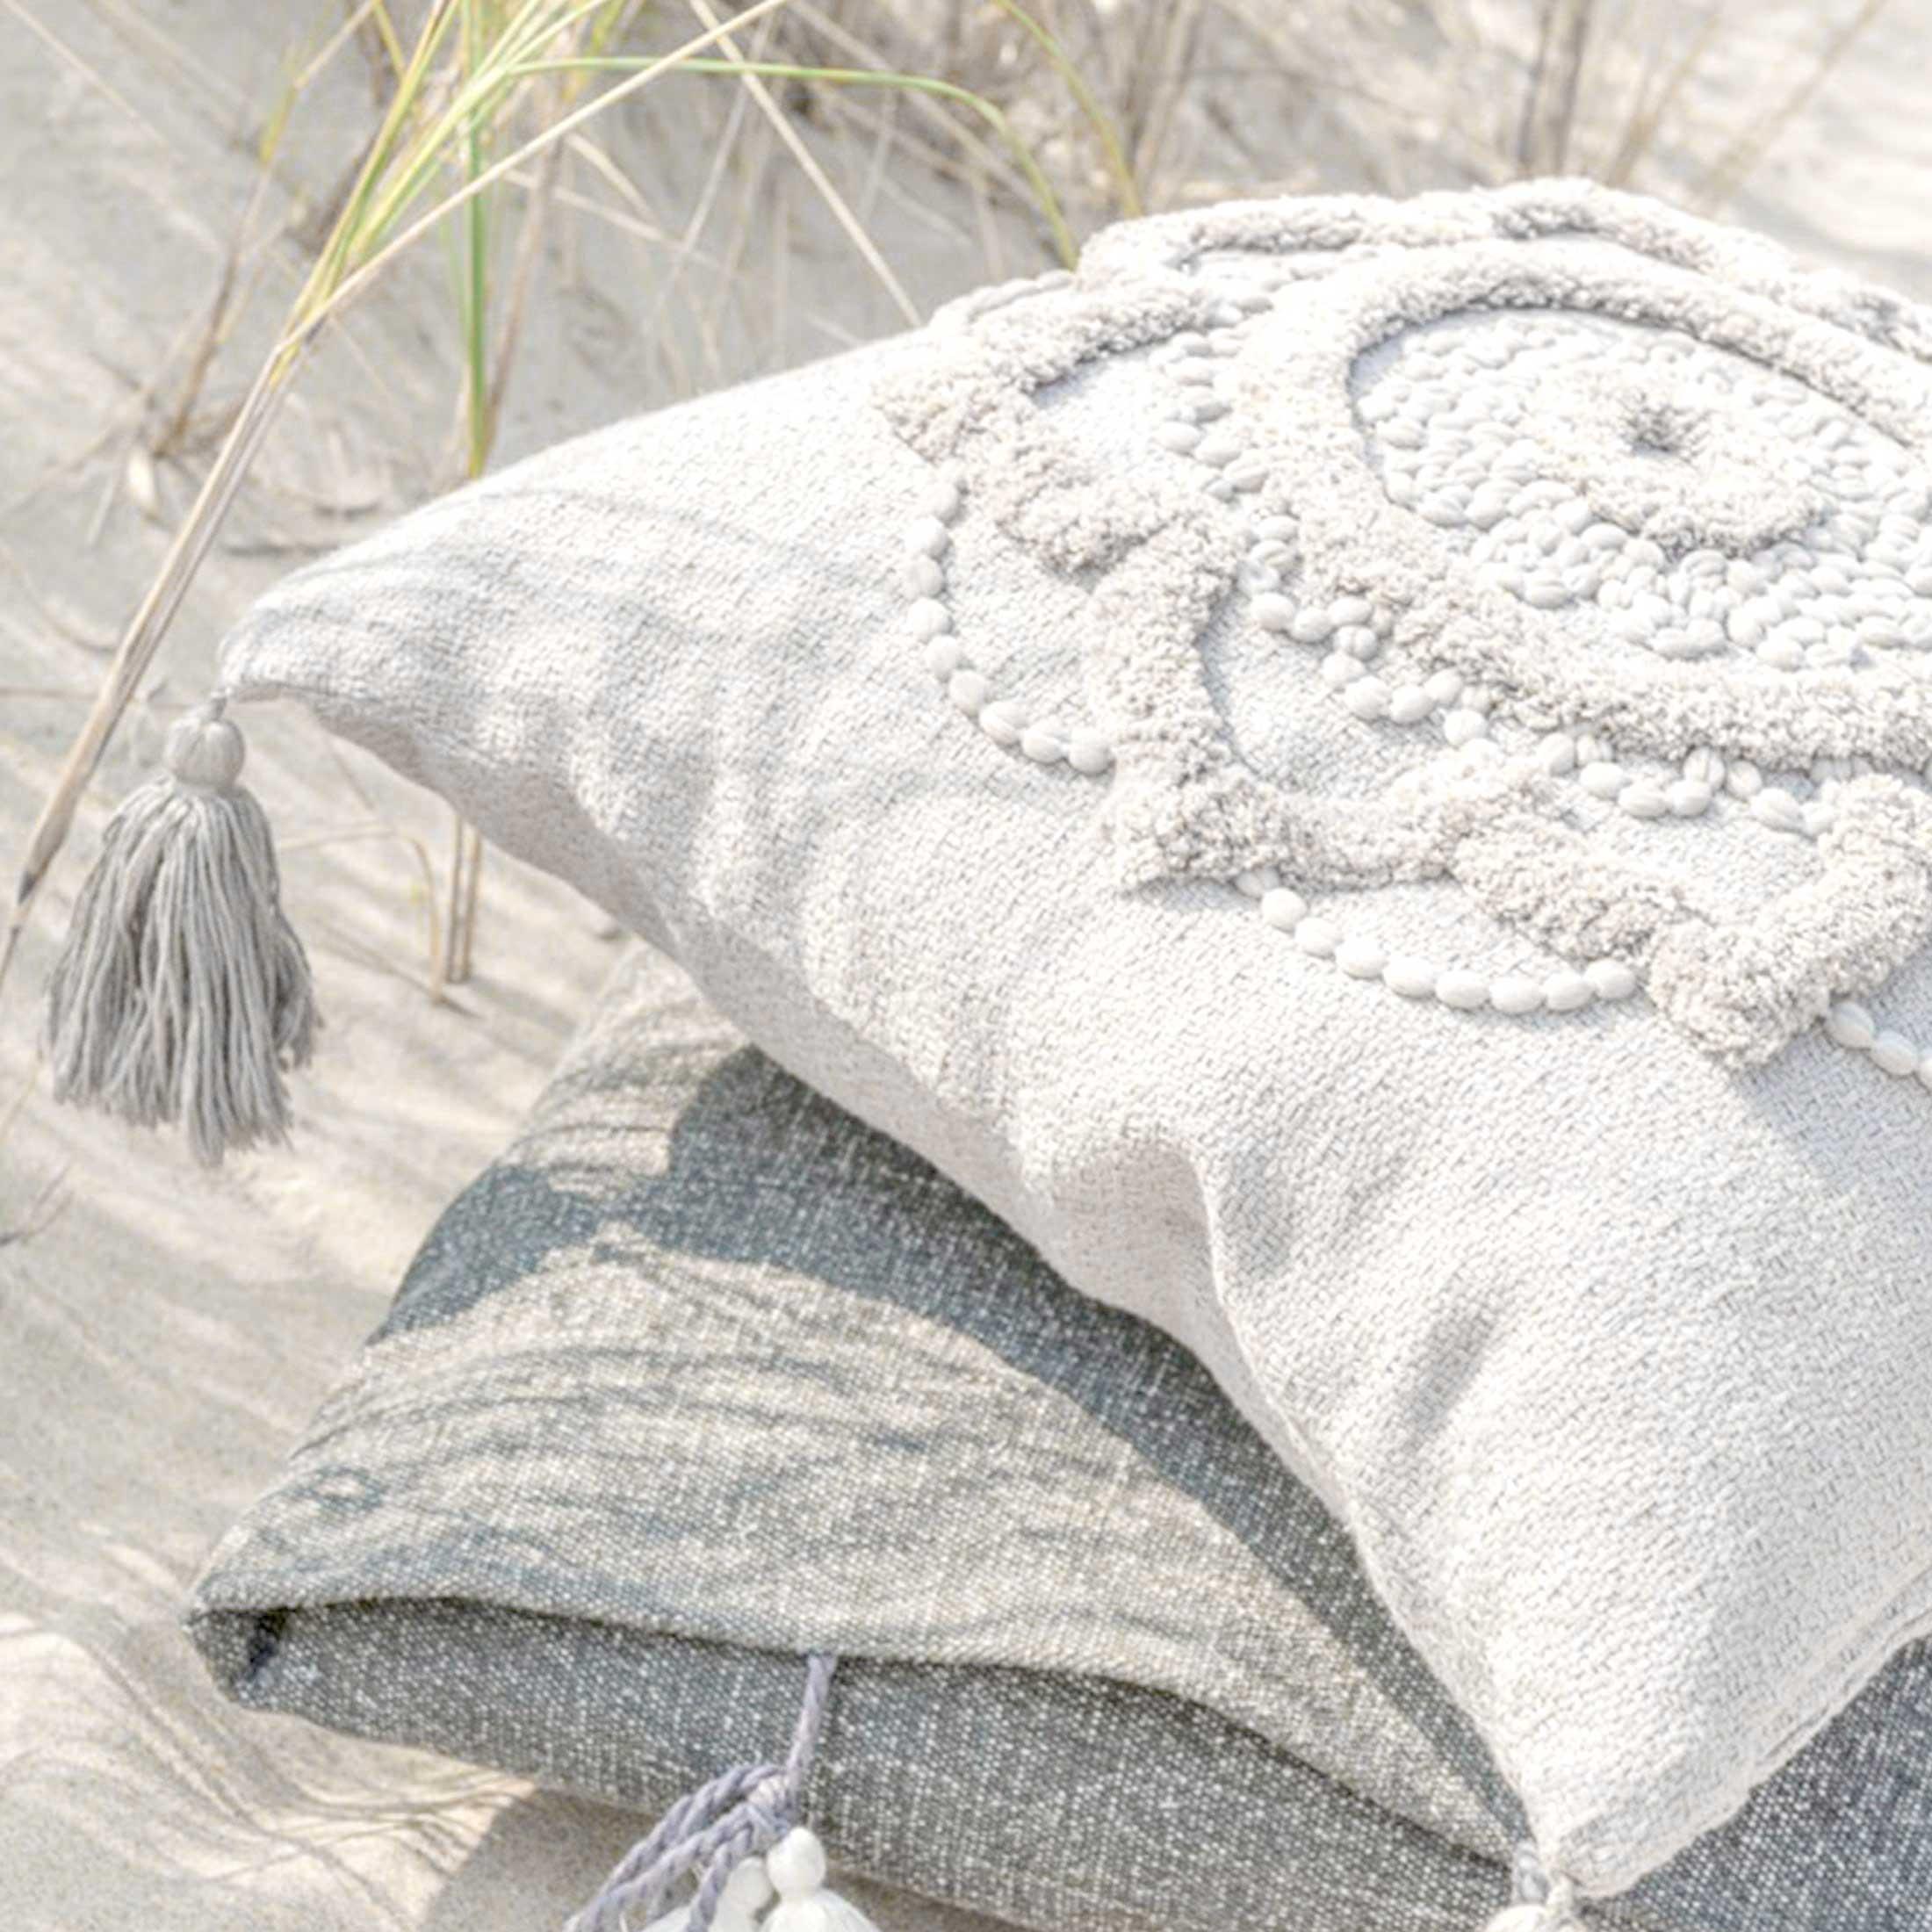 Bohemian Kissen in Weiß im Boho Style ♥ Quasten-Kissen aus Baumwolle mit einem orientalischen Muster | Soulbirdee Onlineshop, netter Service